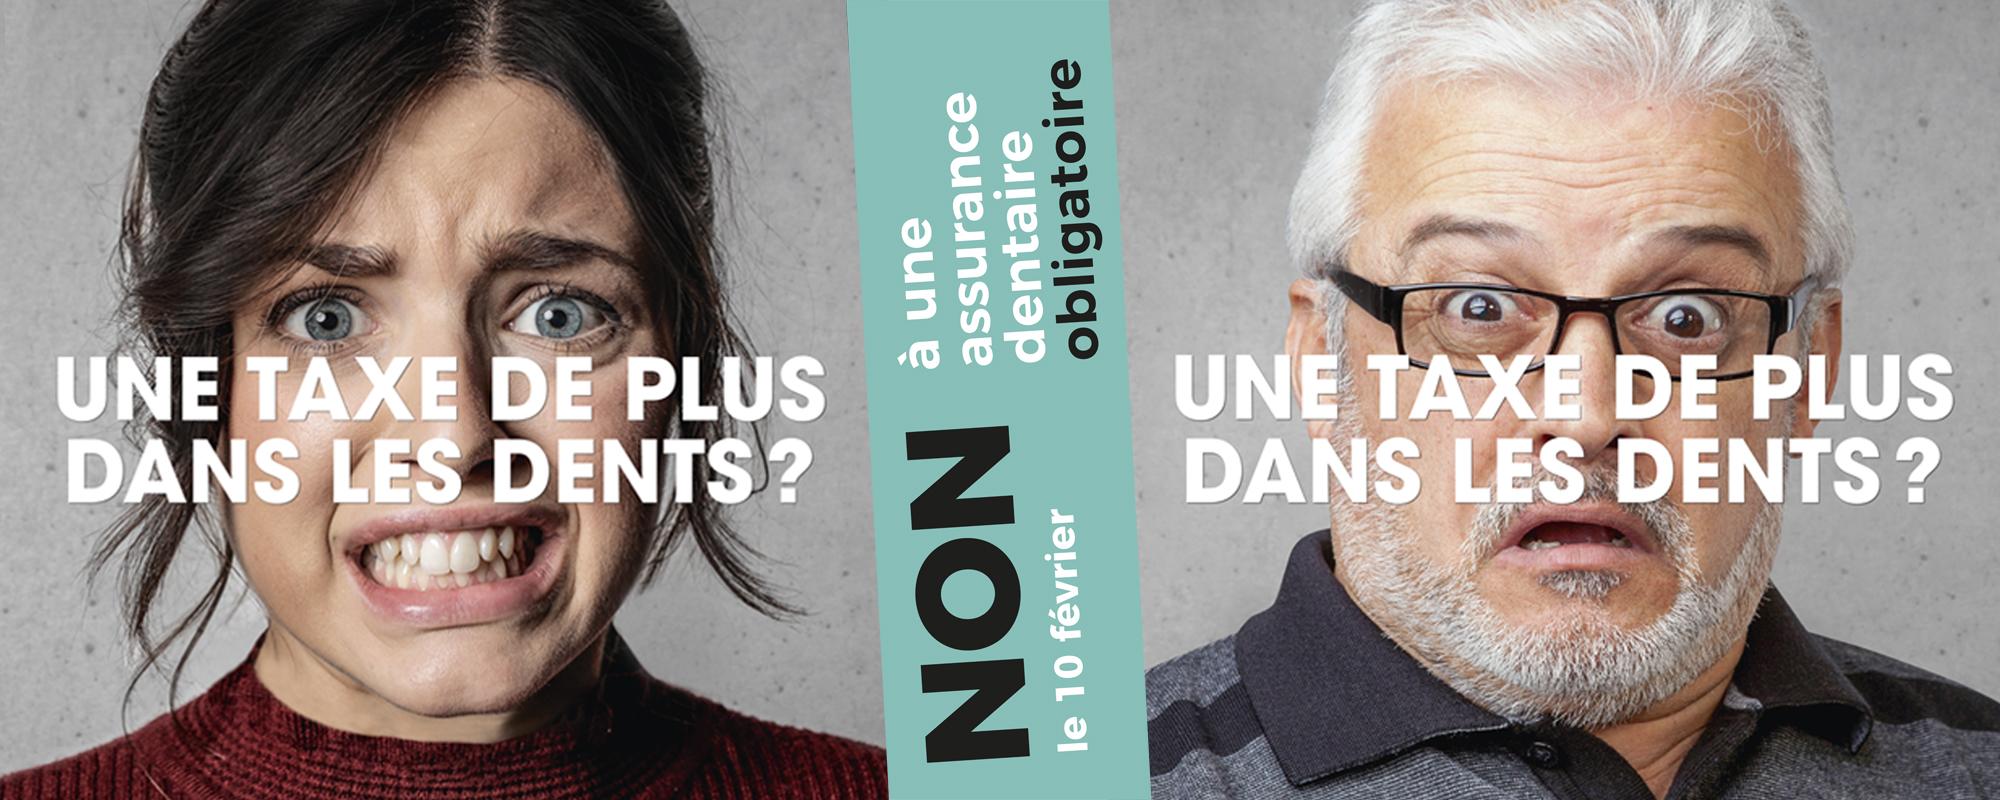 agence de communication, Vevey, Lausanne, Montreux, graphisme, site internet, réseaux sociaux, publicité, événementiel, édition